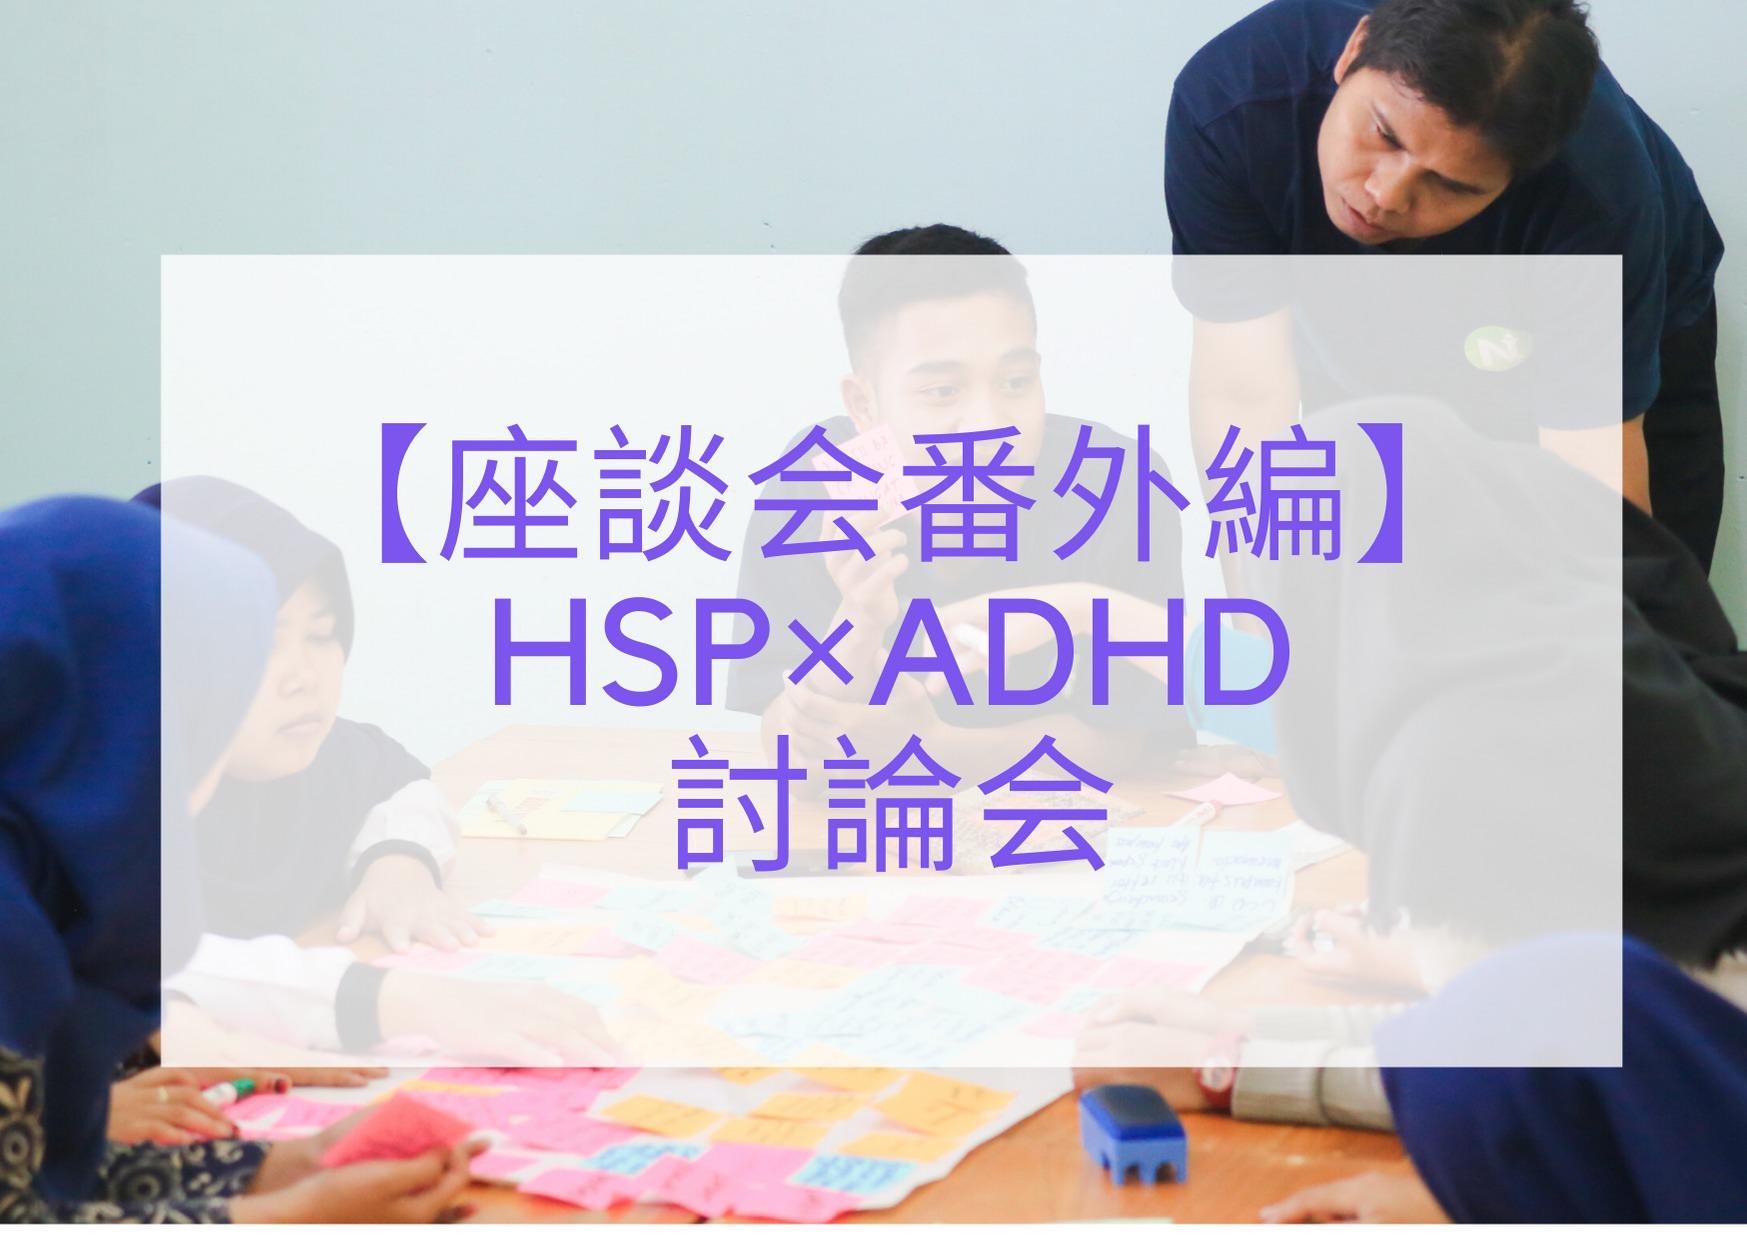 【座談会番外編】HSP×ADHD討論会